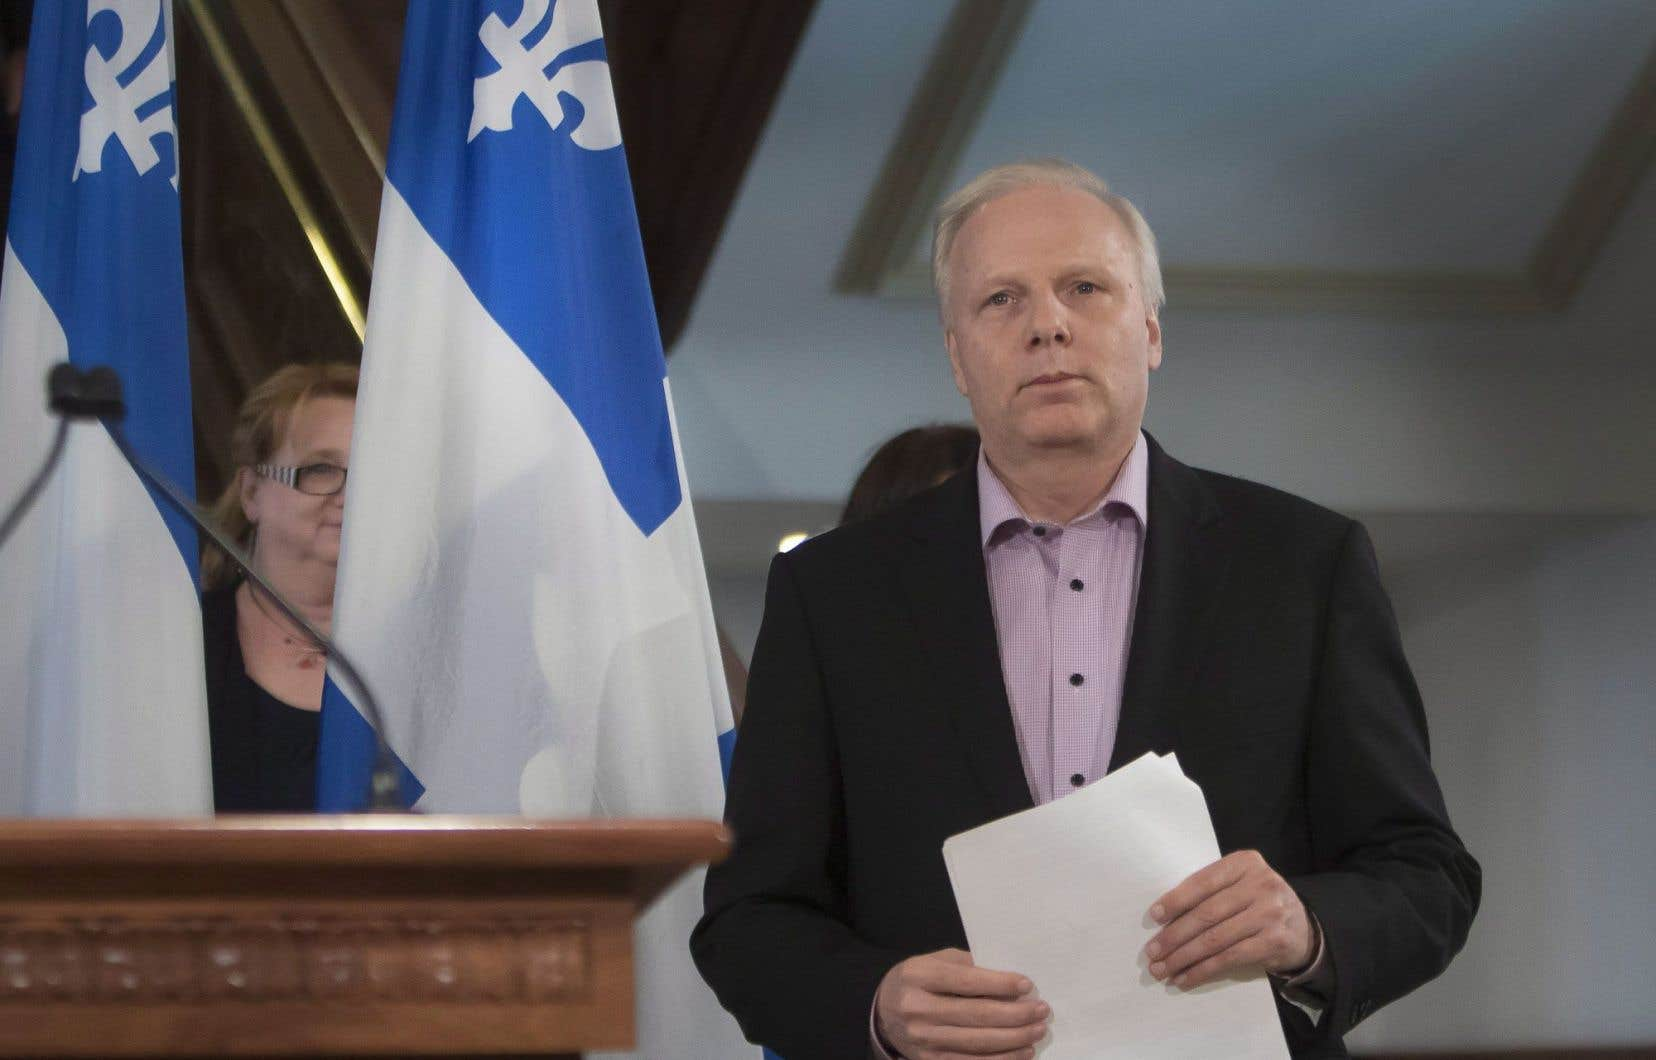 Aux solidaires déçus, le chef du PQ, Jean-François Lisée, a ouvert bien grands les bras.